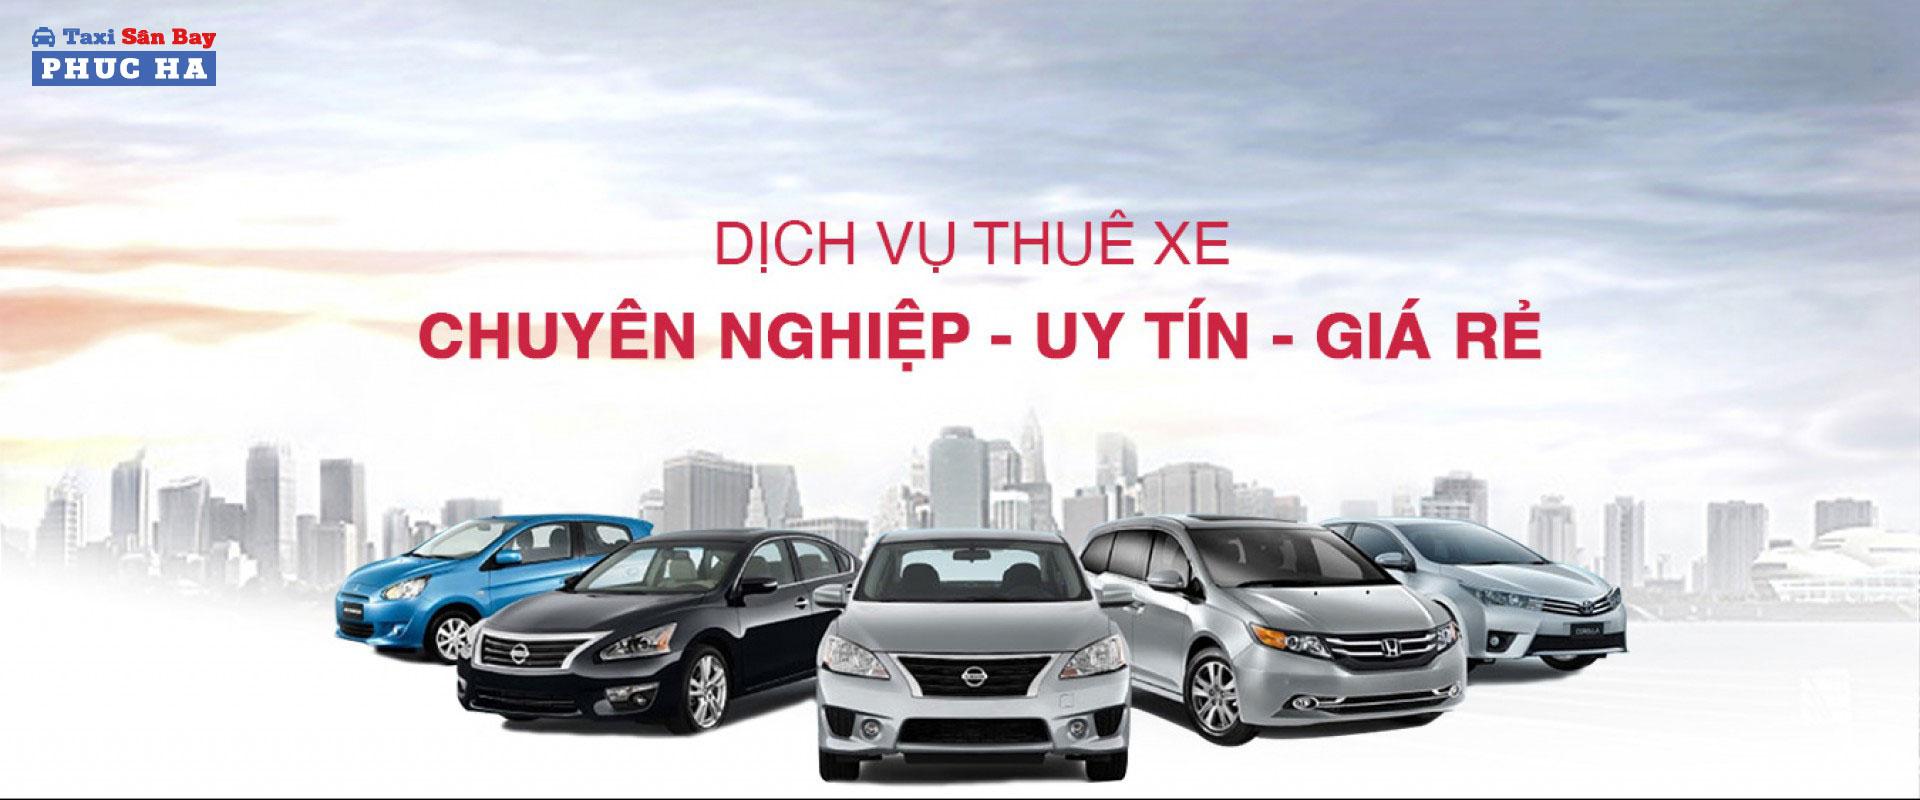 Đi Taxi một mạch từ Nội Bài vềSầm Sơn